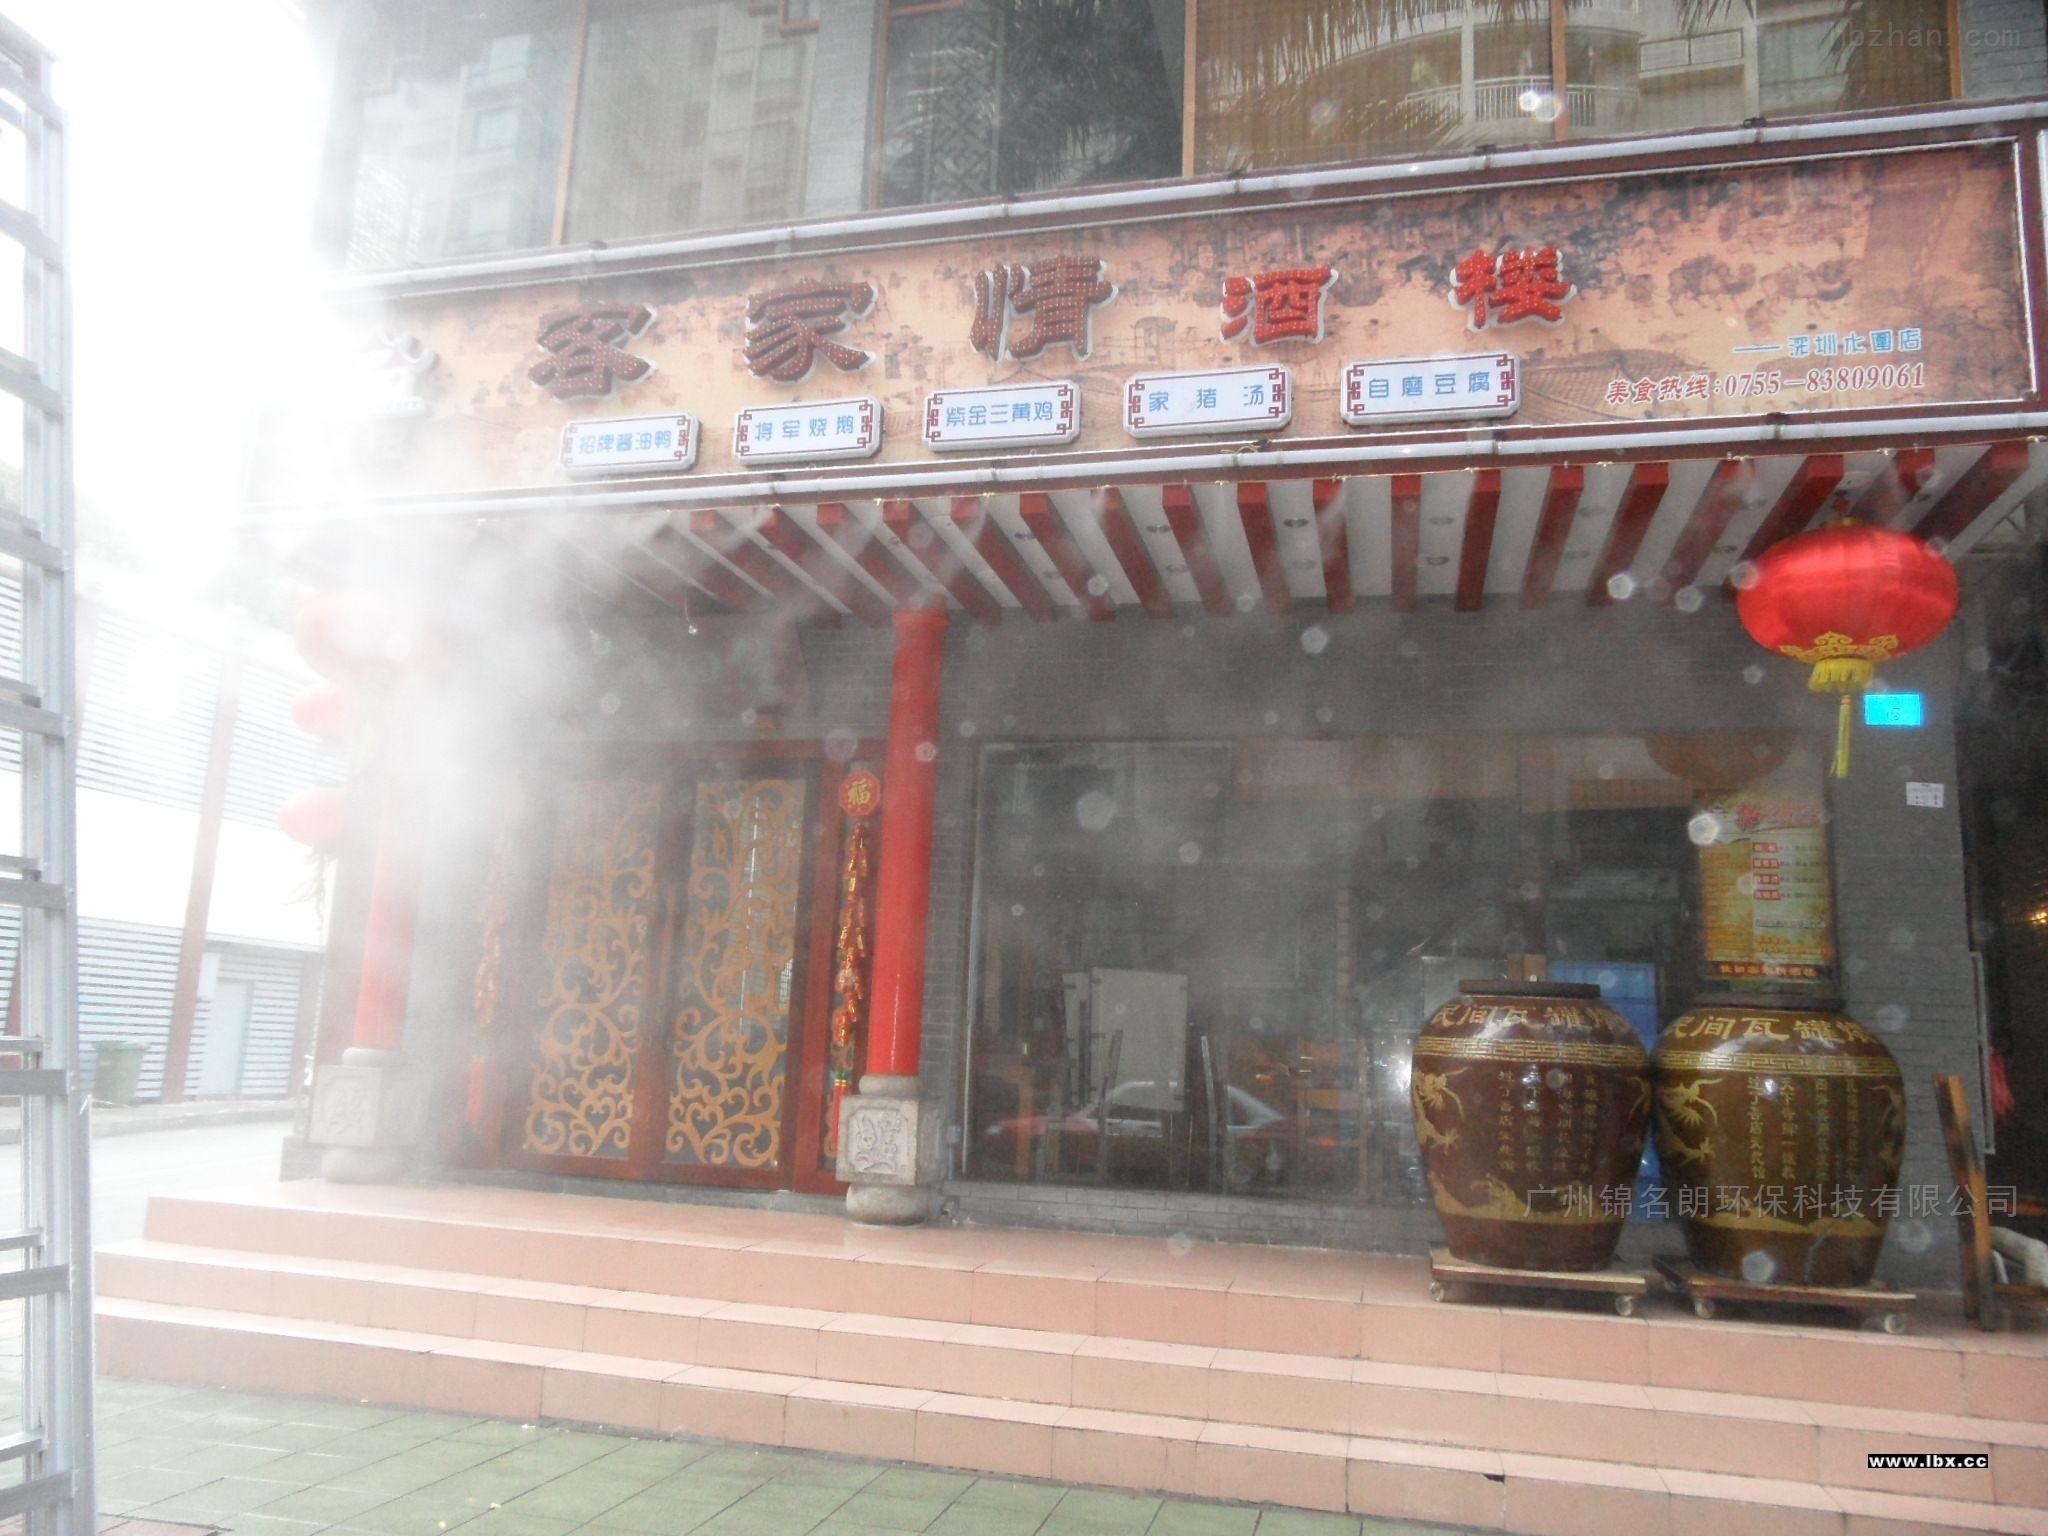 江门工厂喷雾降温设备